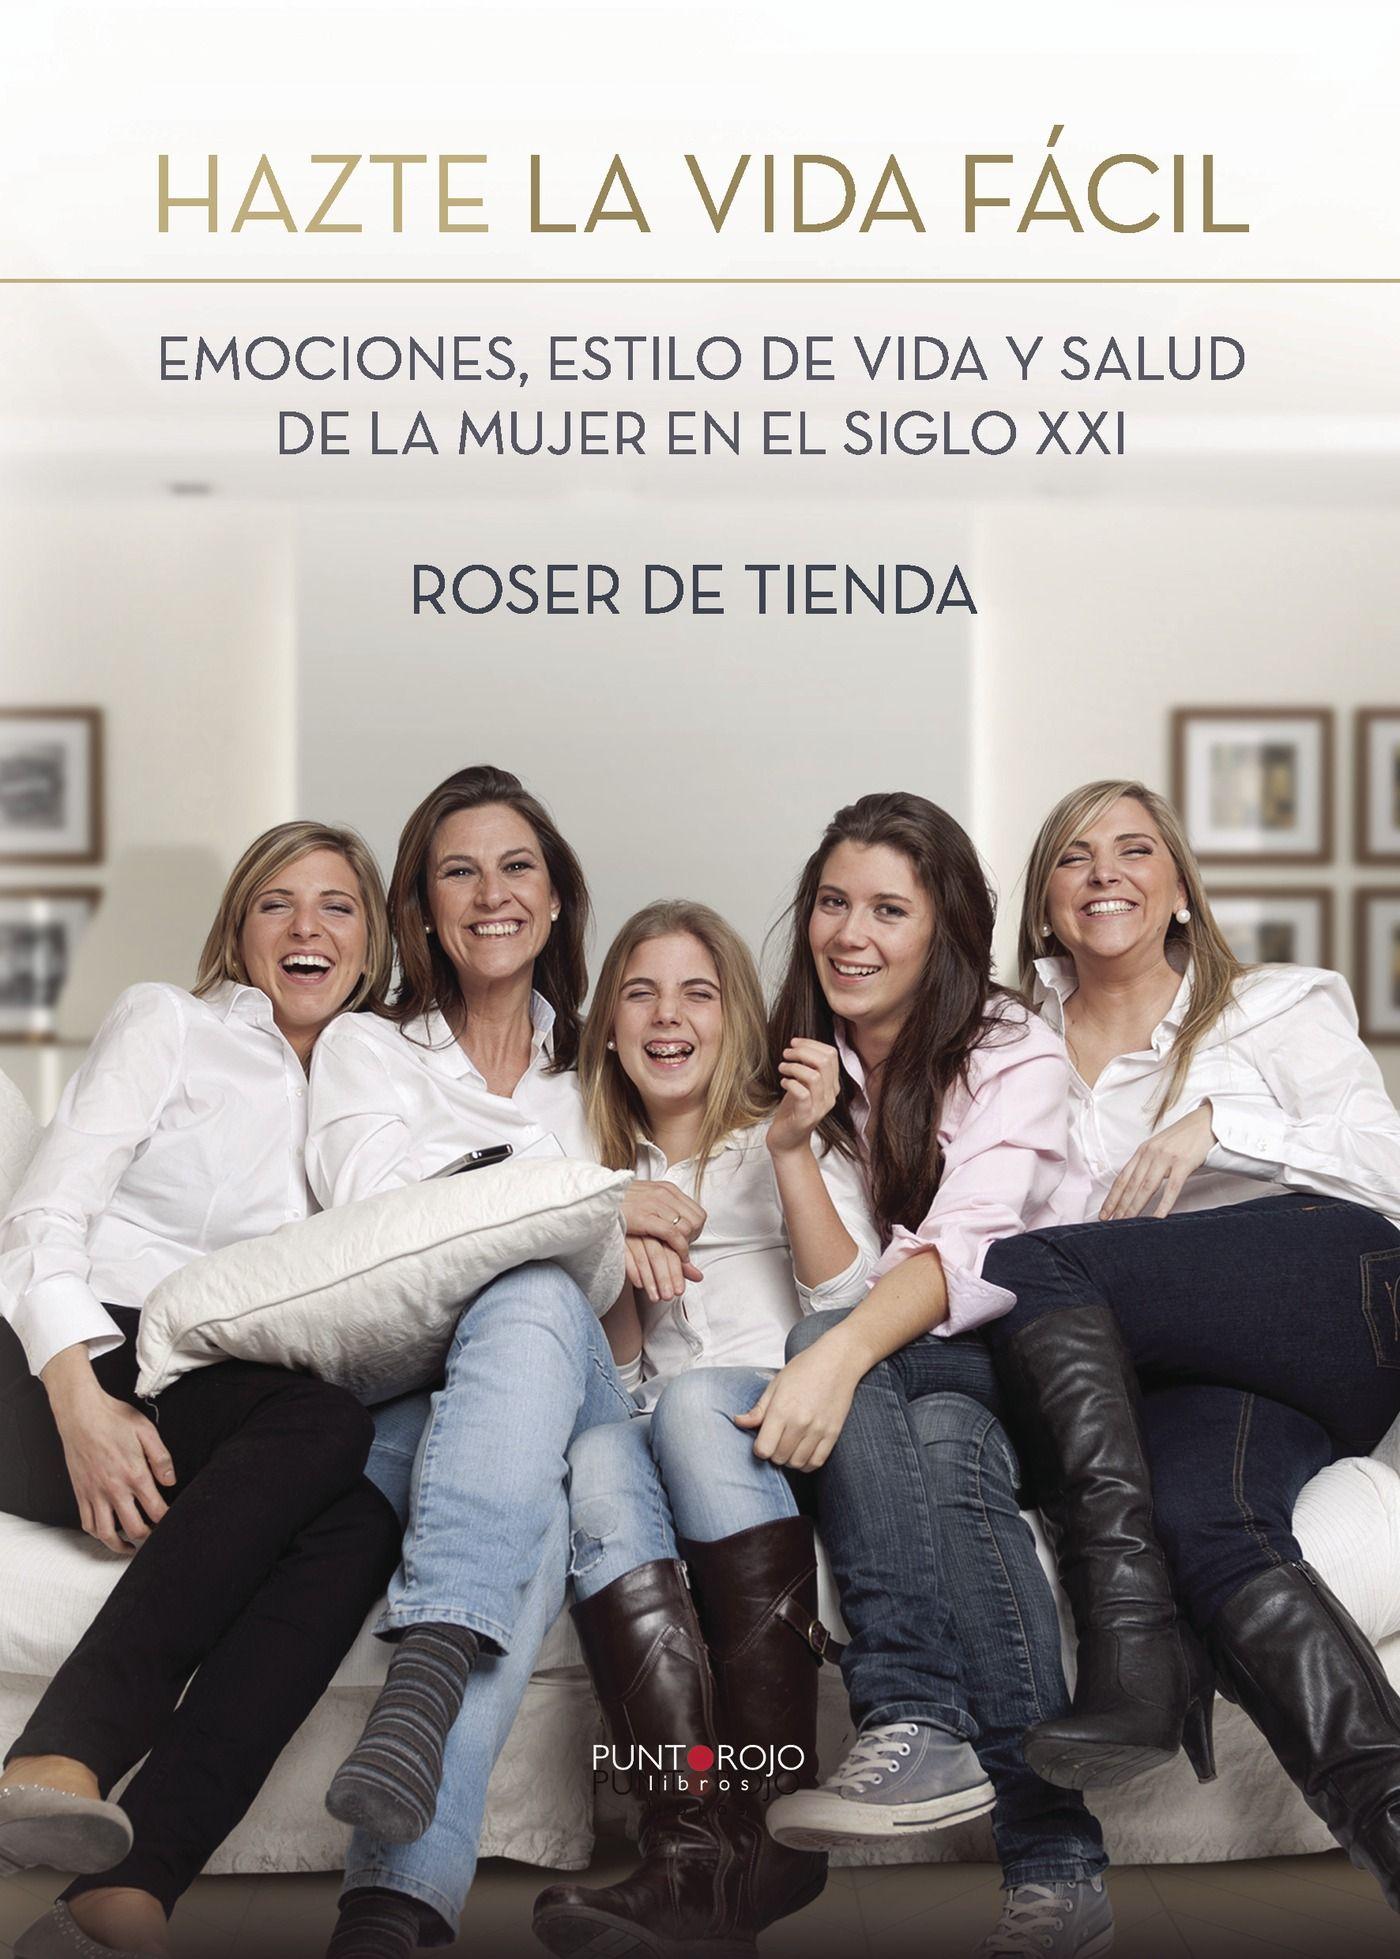 RoserDeTienda_Hazte-la-vida-fácil